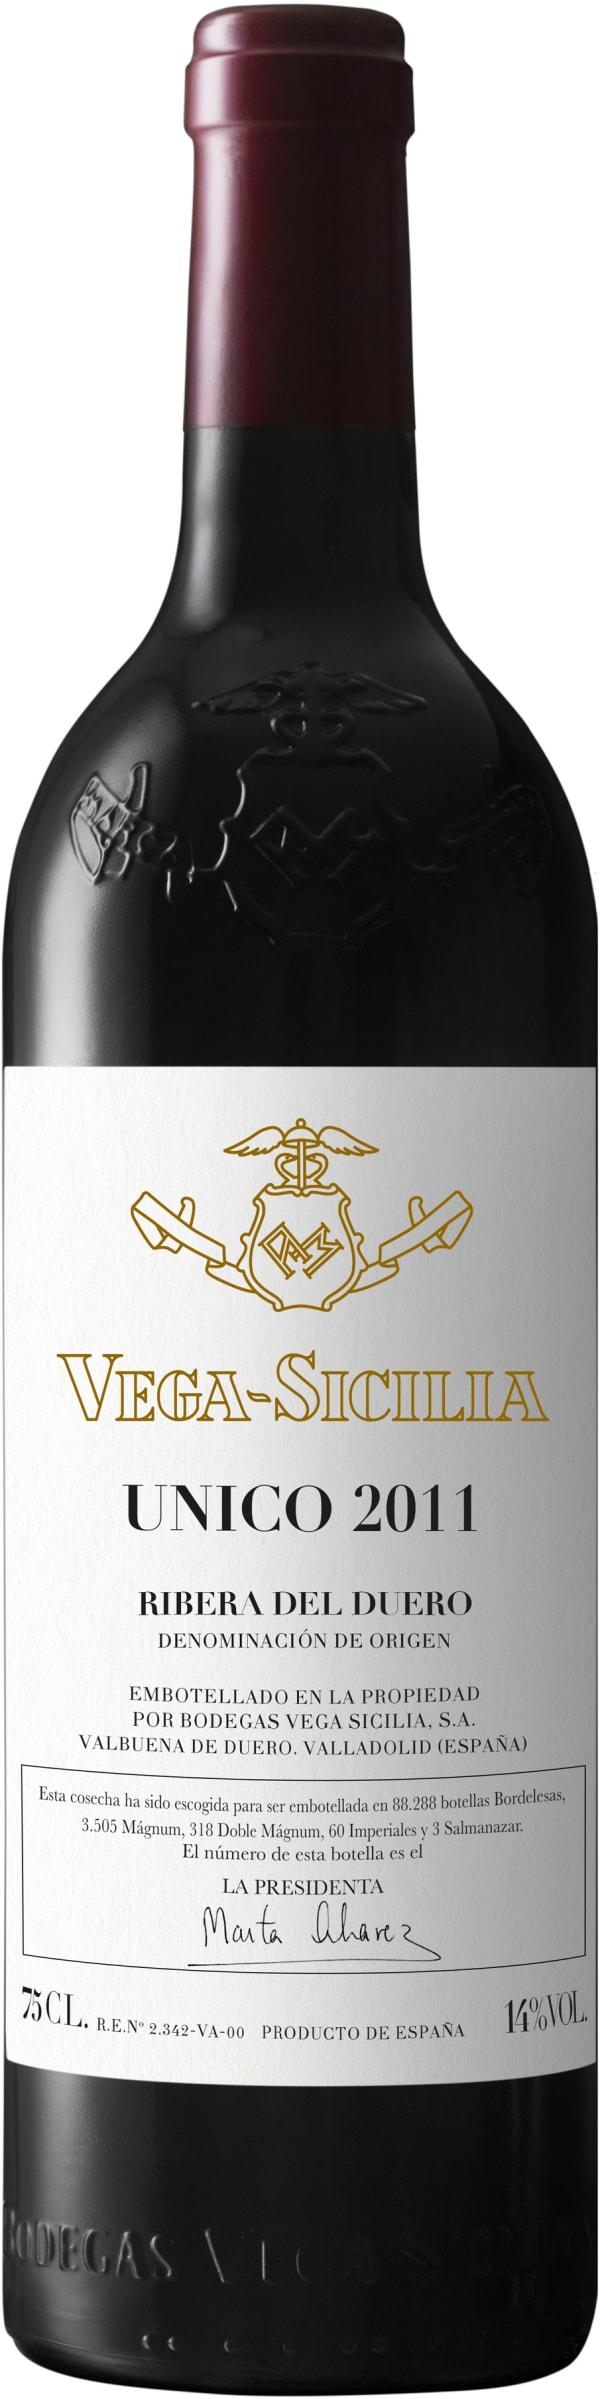 Vega-Sicilia Unico 2011